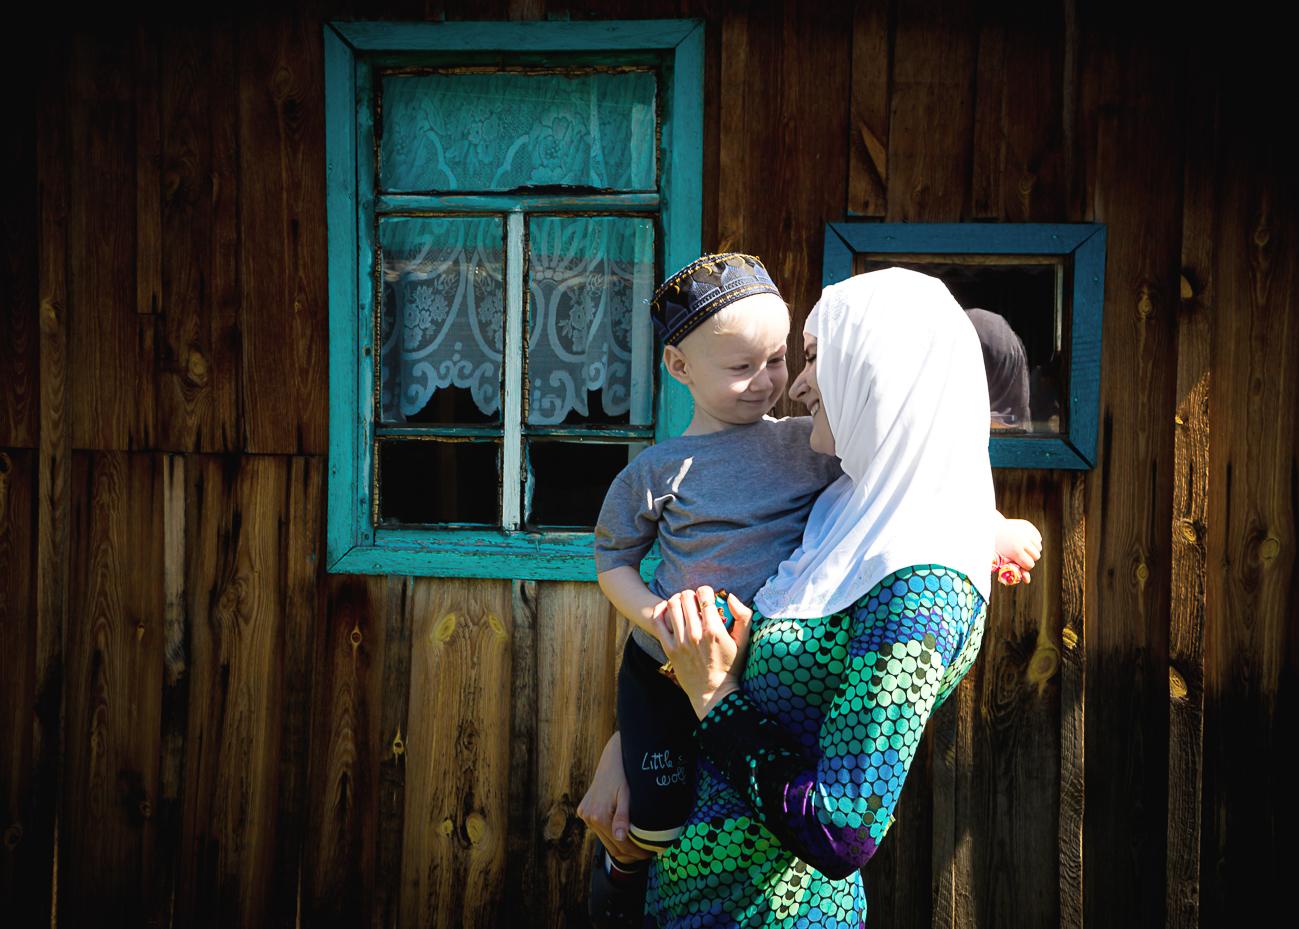 набережную татарские деревни фото подвесках больше делаем